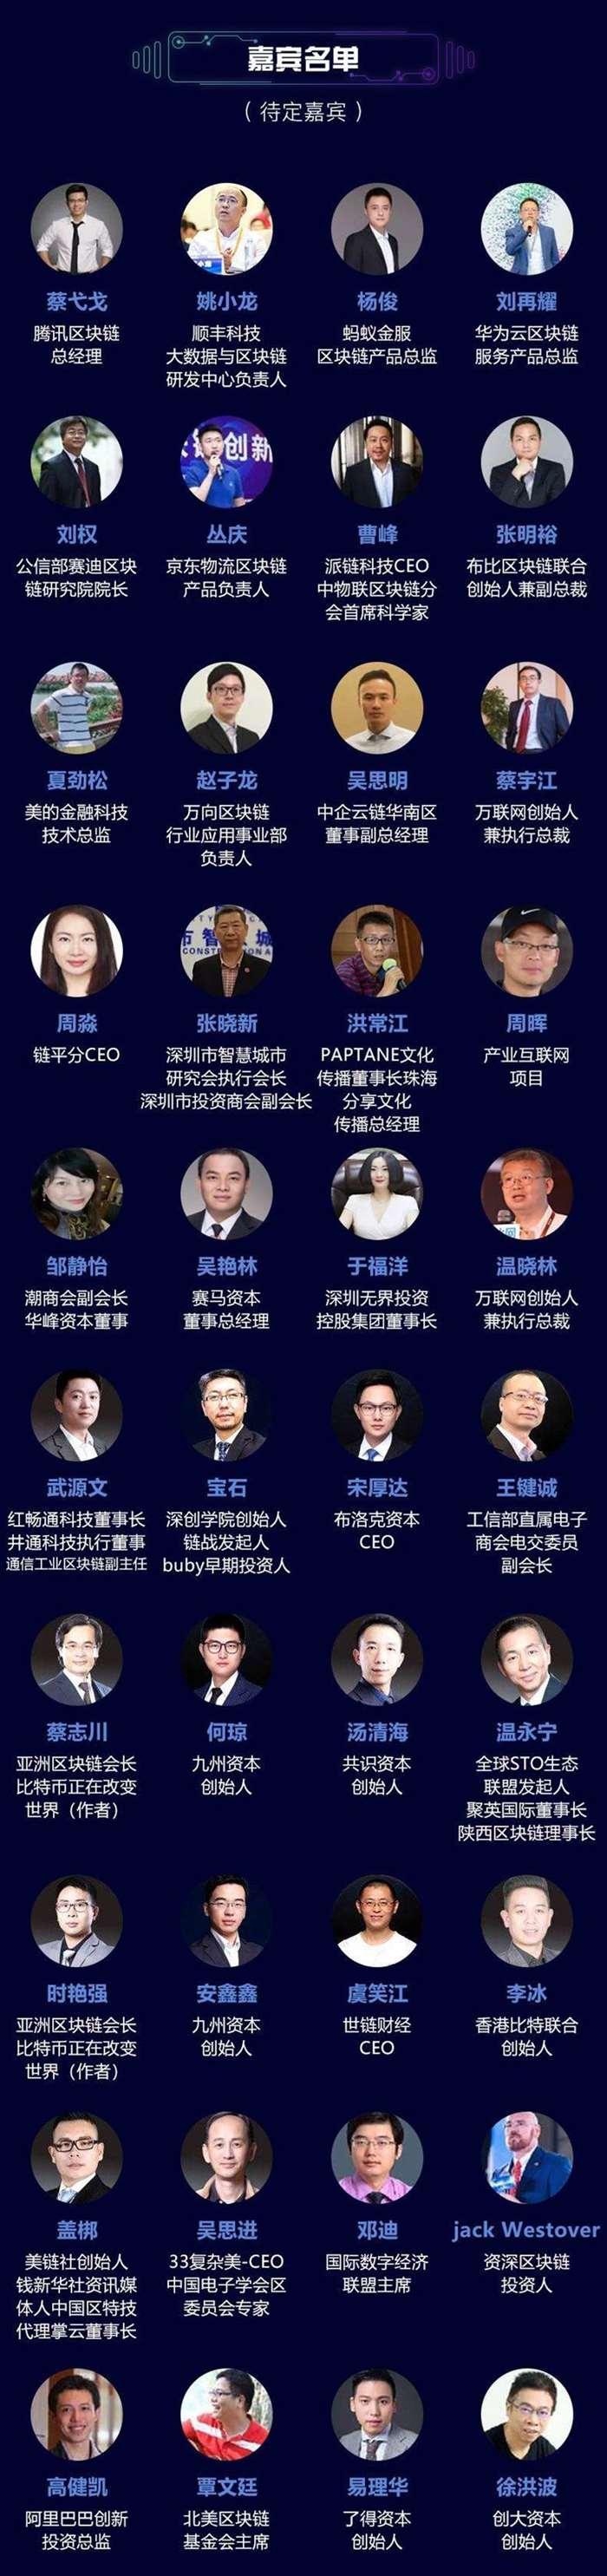 华南区块链社群联盟_07.jpg